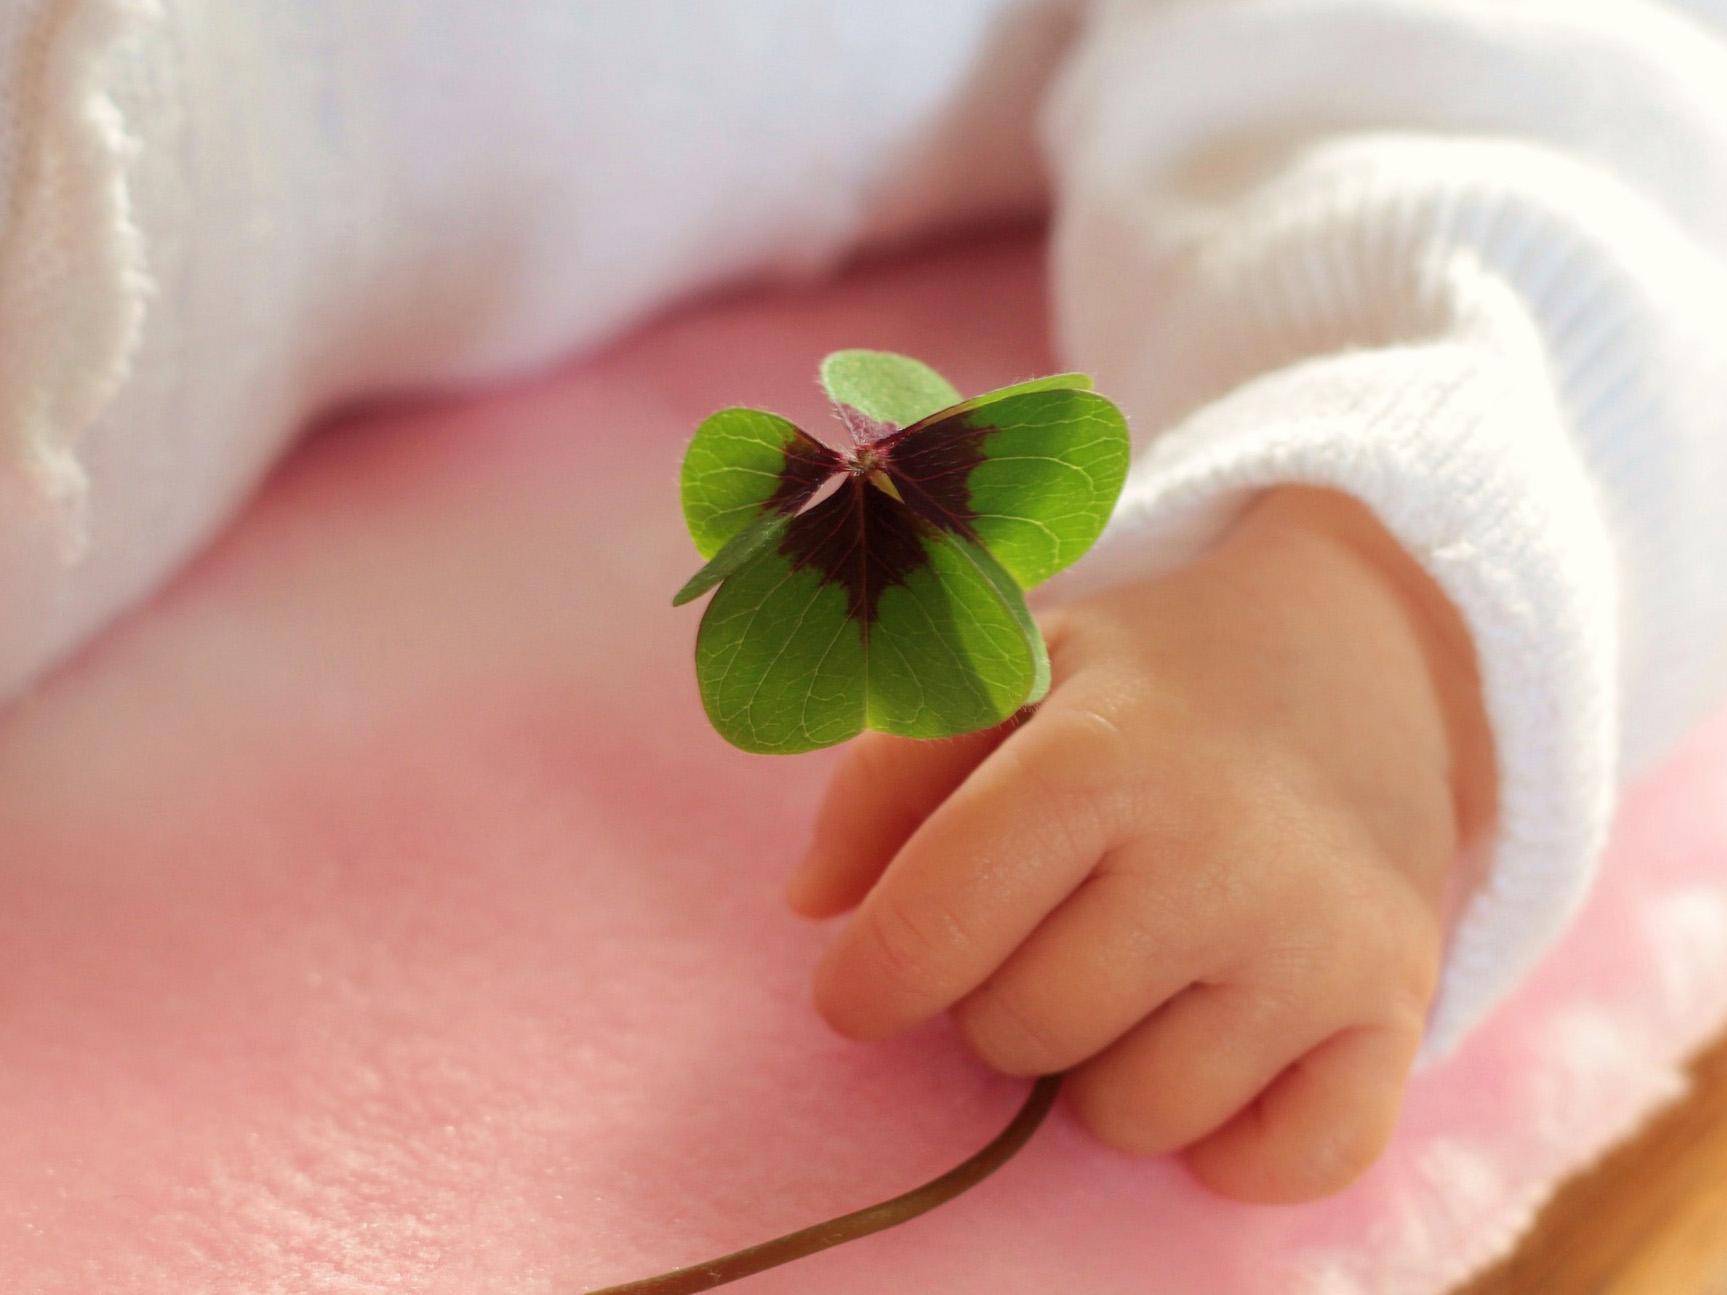 Eine Babyhand, die ein Kleeblatt hält